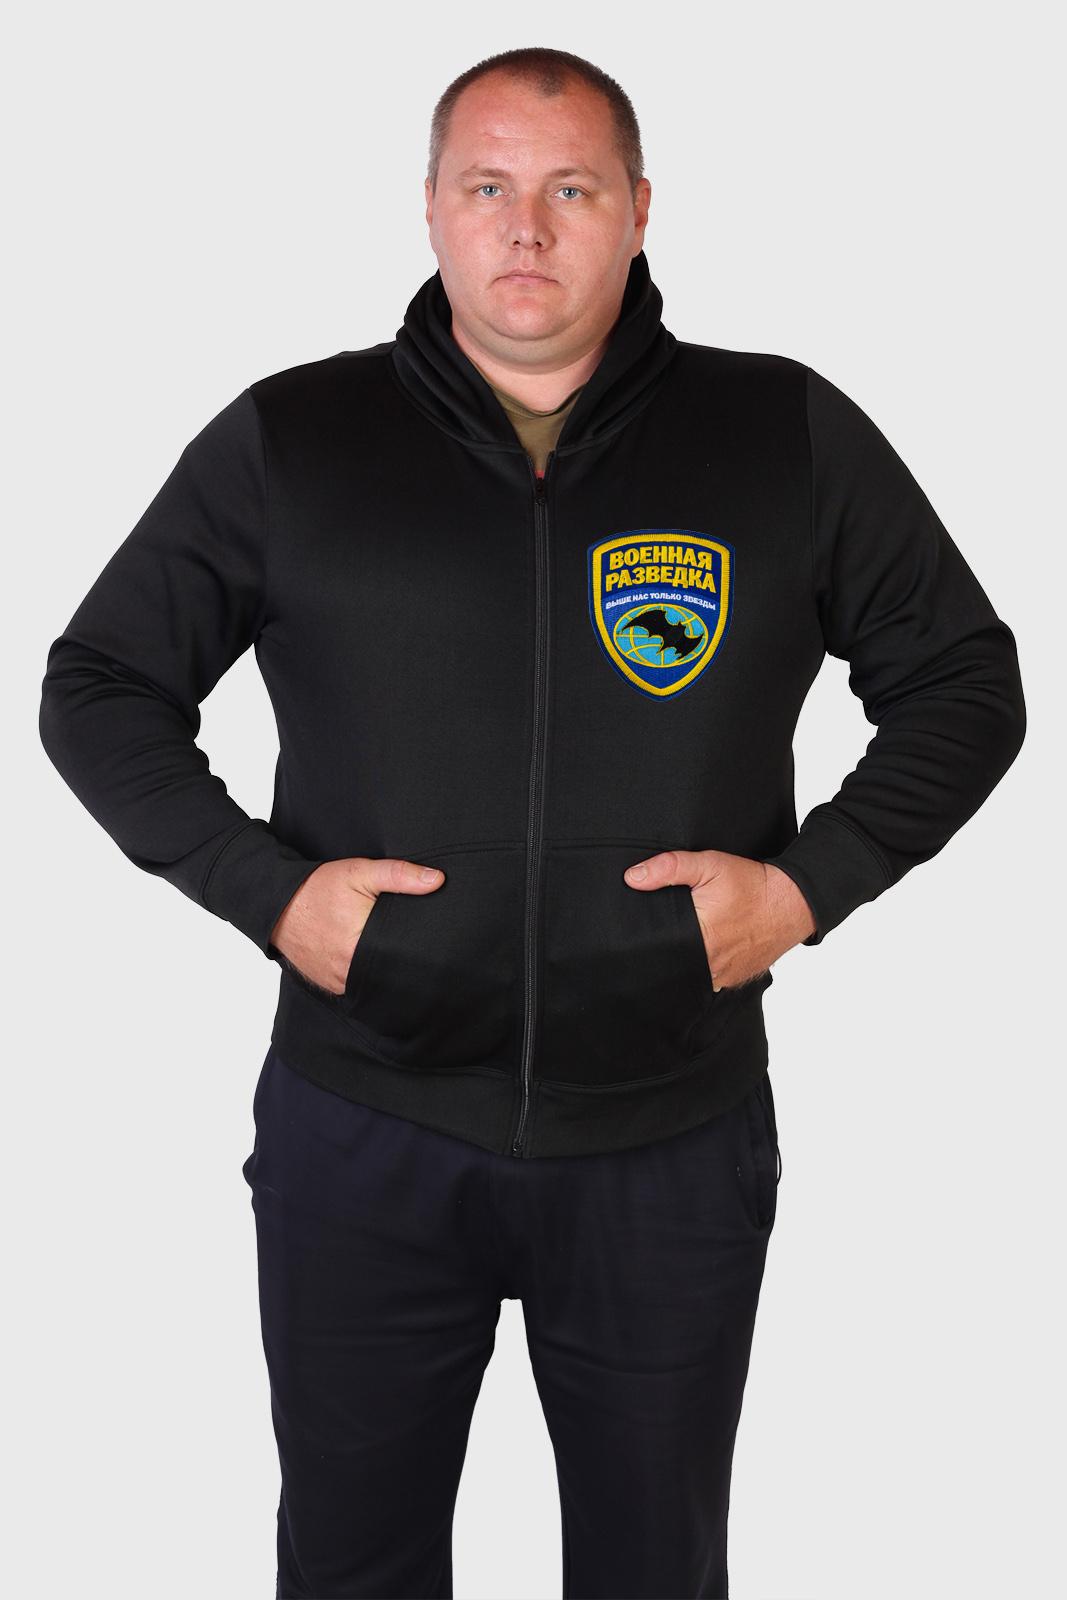 Продажа мужских толстовок с эмблемой Военной Разведки